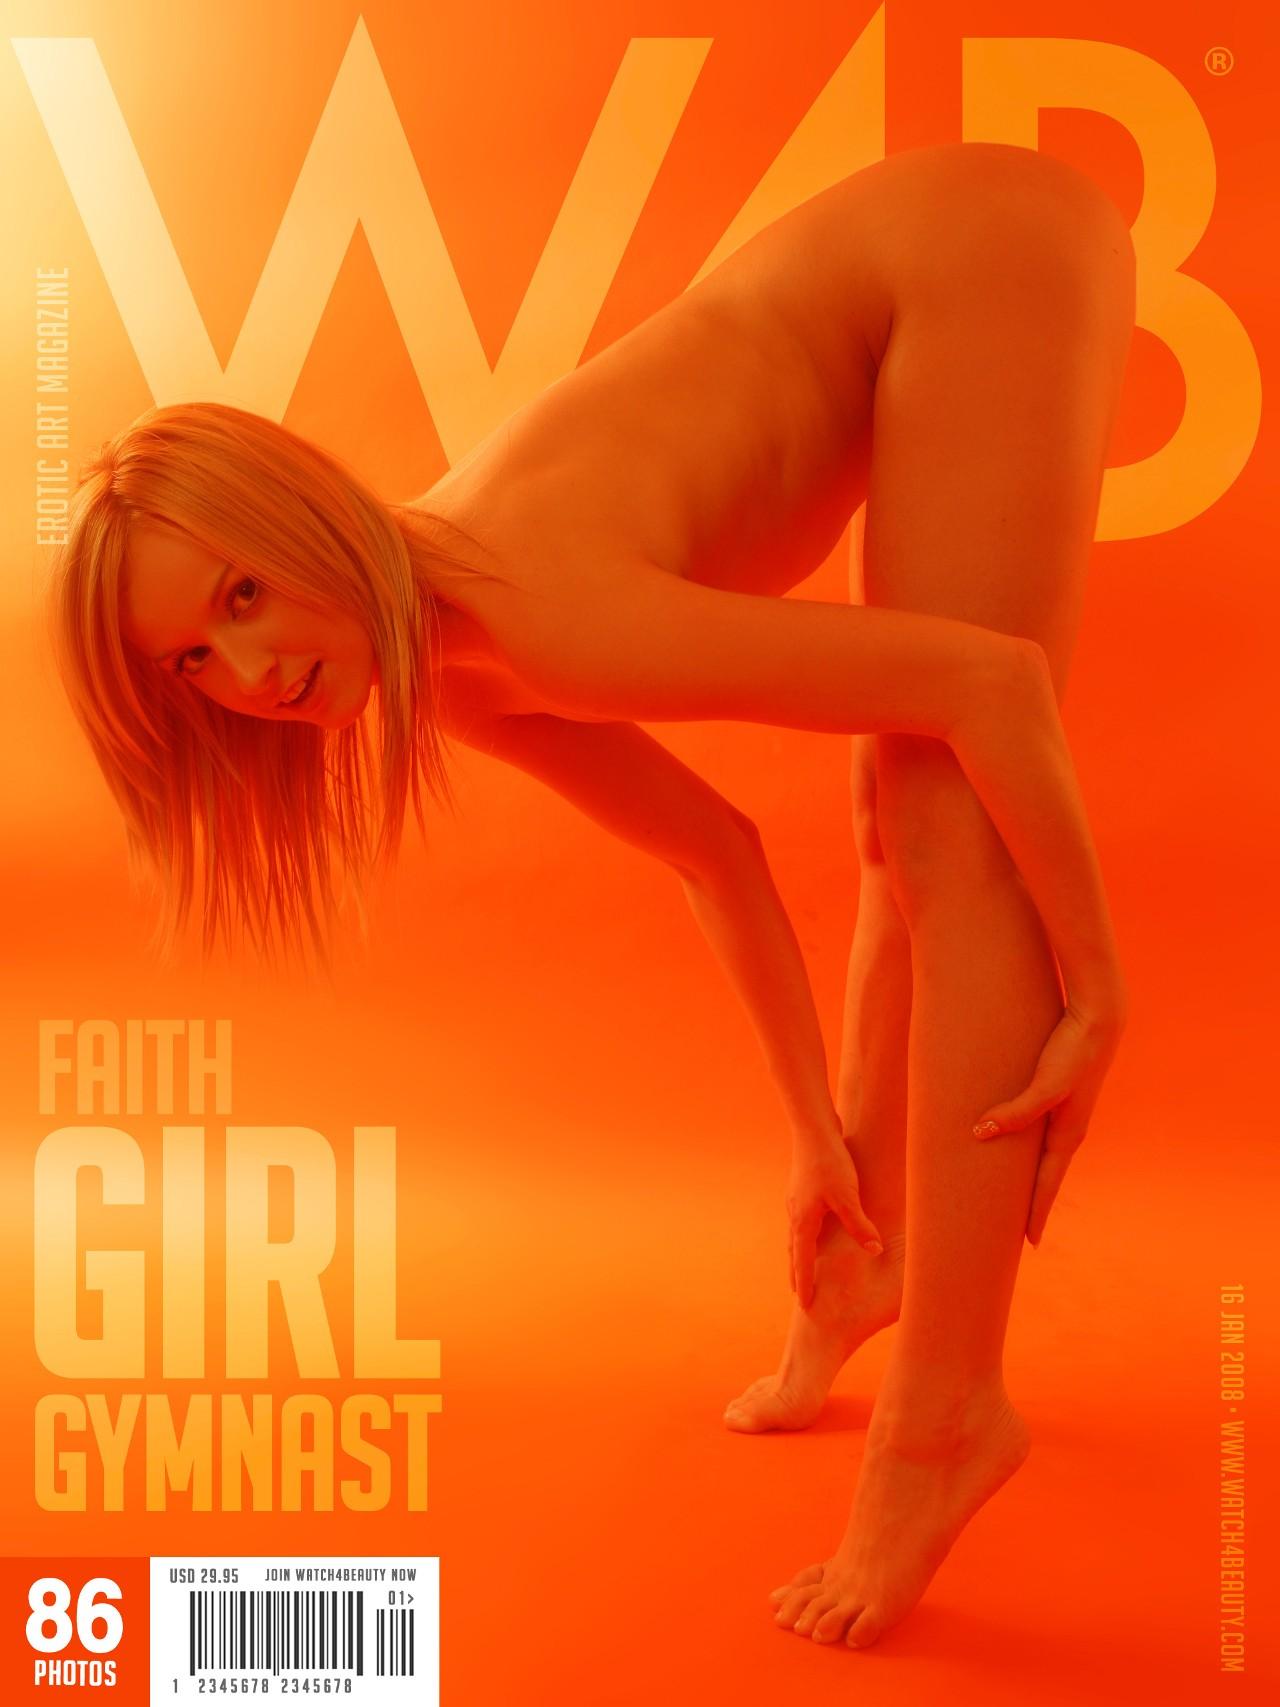 Faith: Girl gymnast